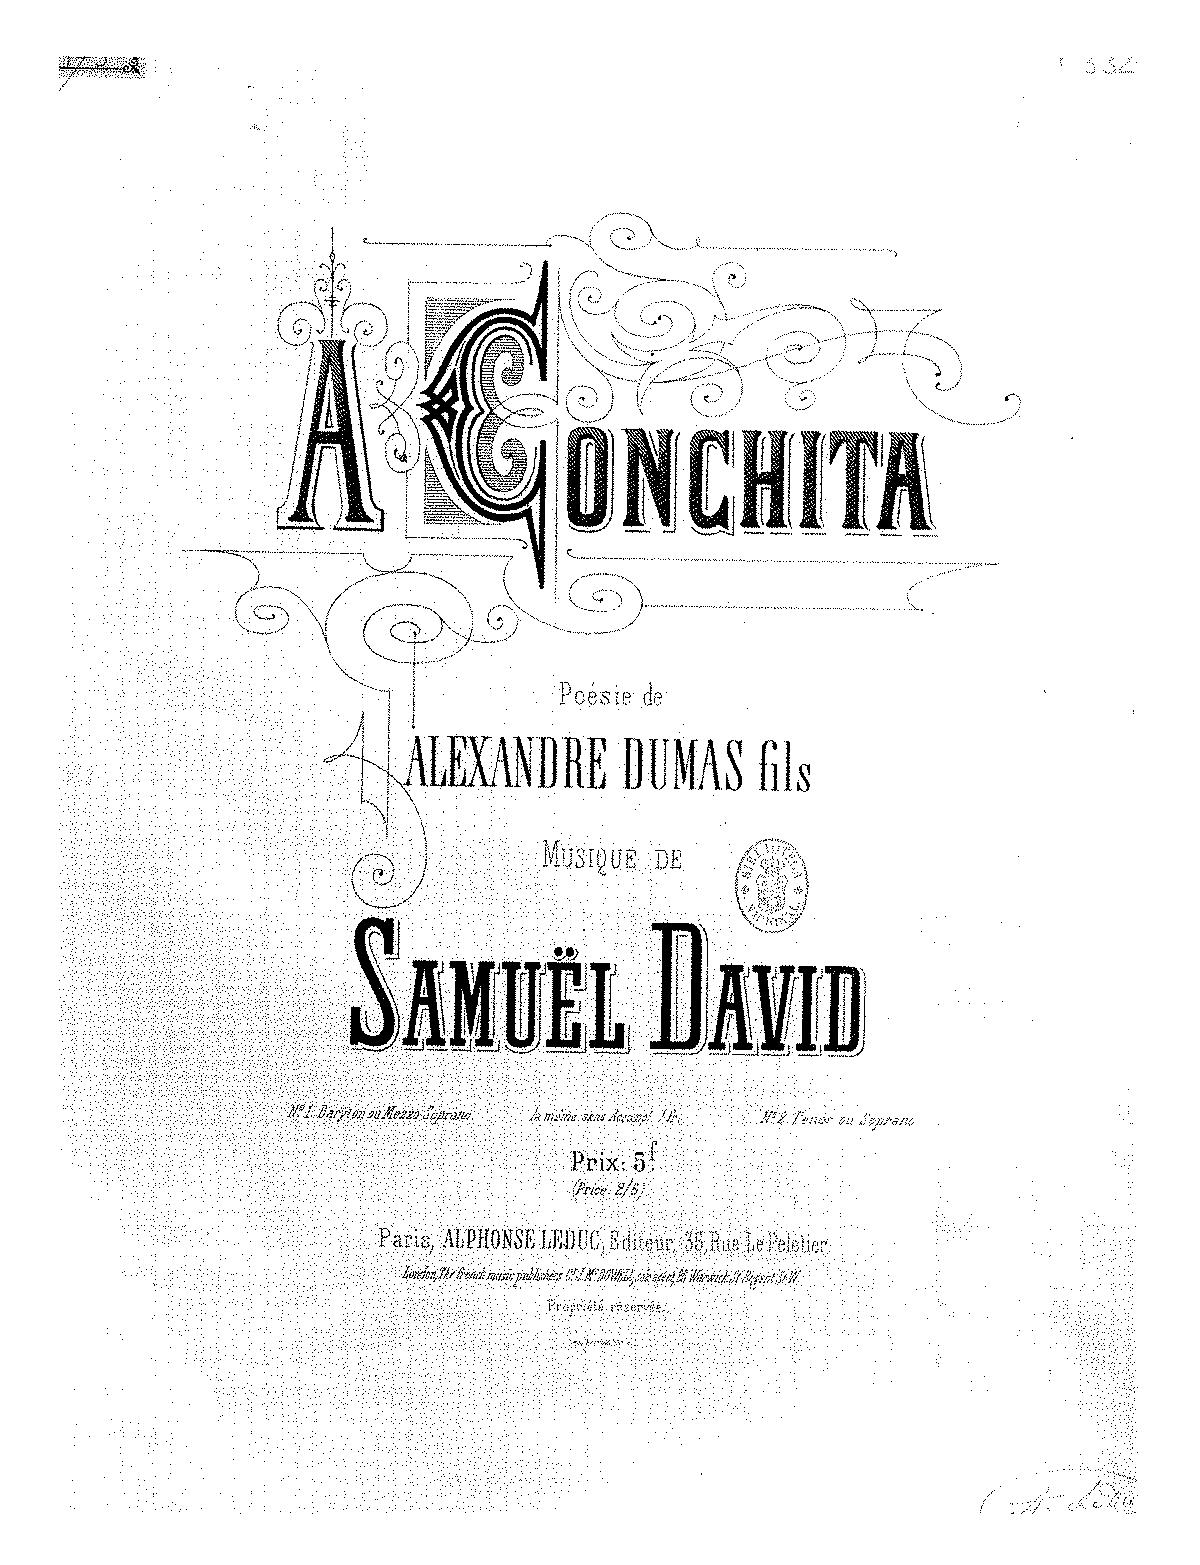 À Conchita (David, Samuel) - IMSLP/Petrucci Music Library: Free